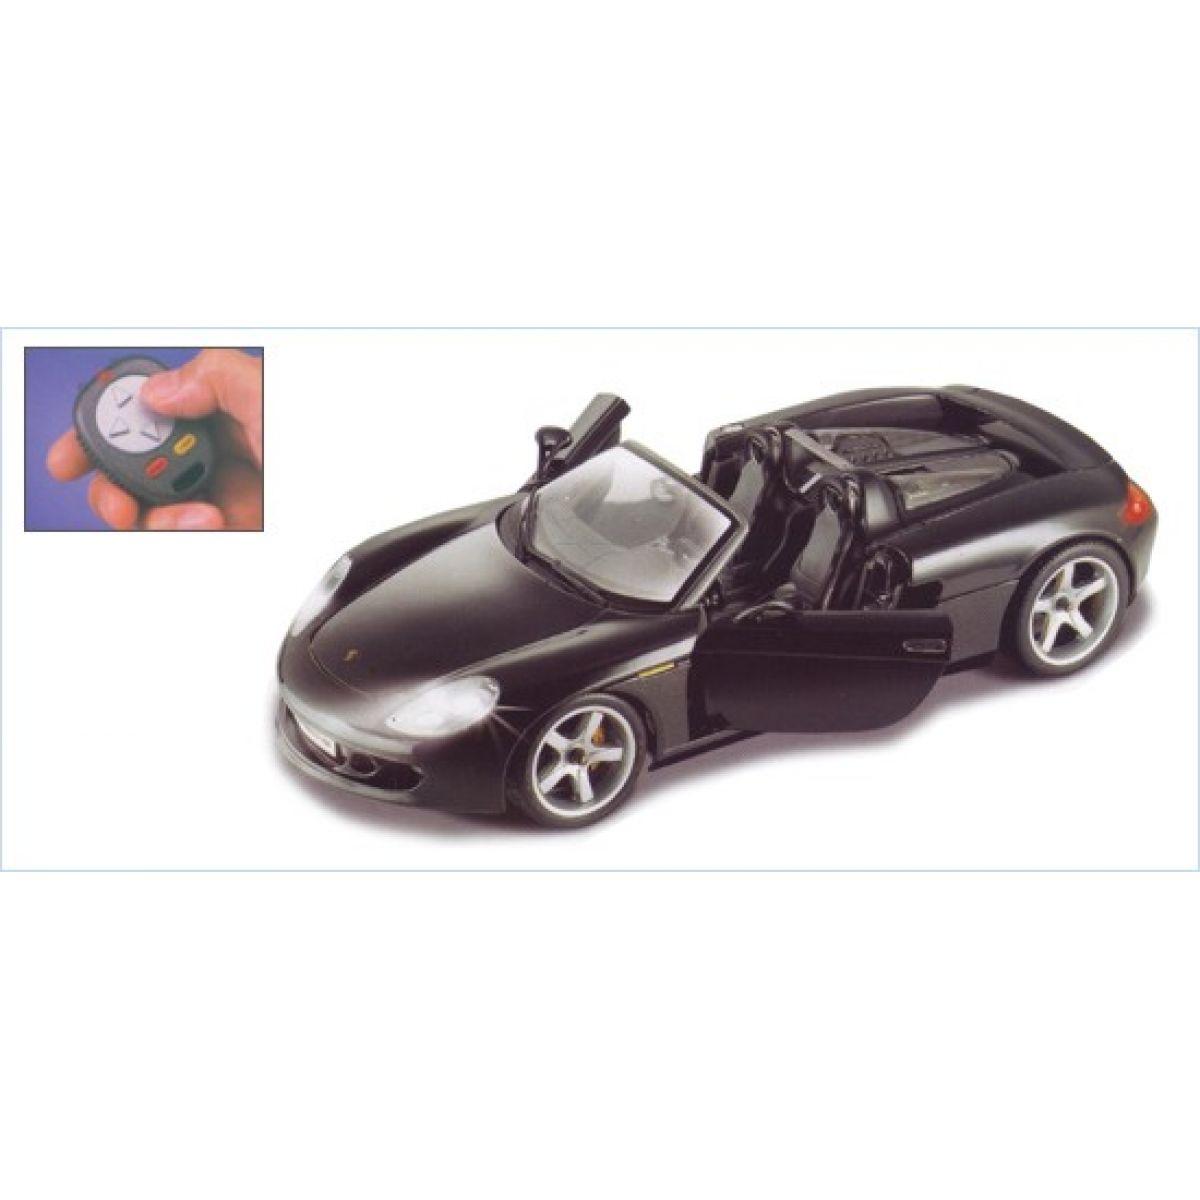 Maisto Infrared - Porsche Carrera GT